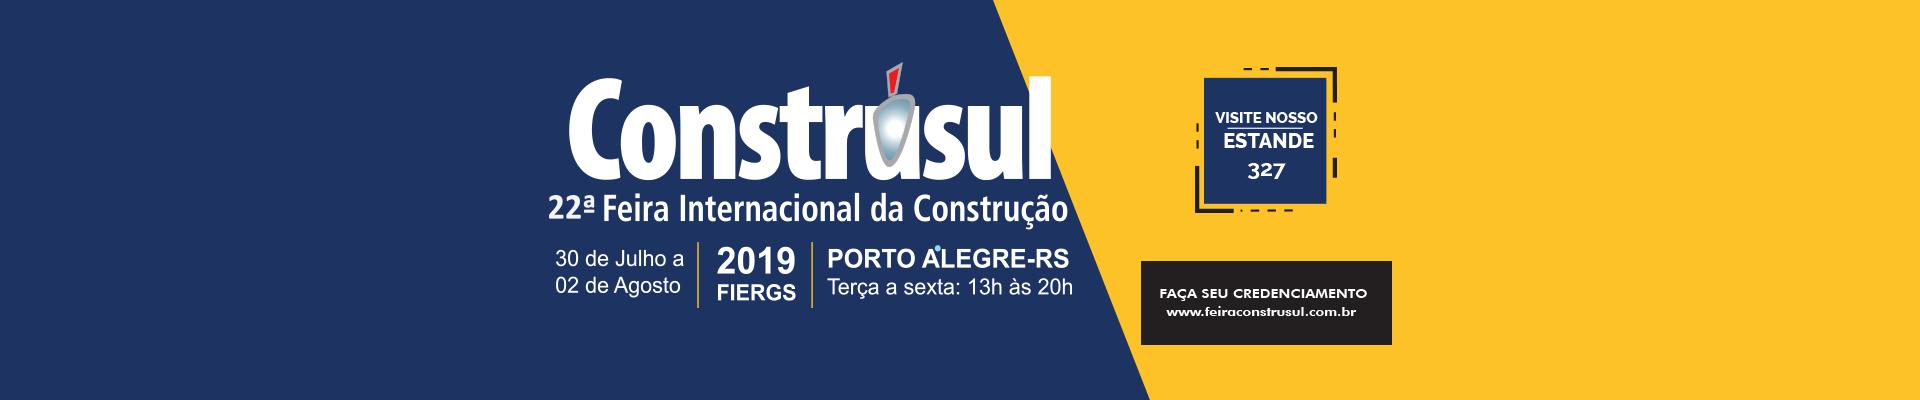 banner-minipa-GABARITO_-_construsul